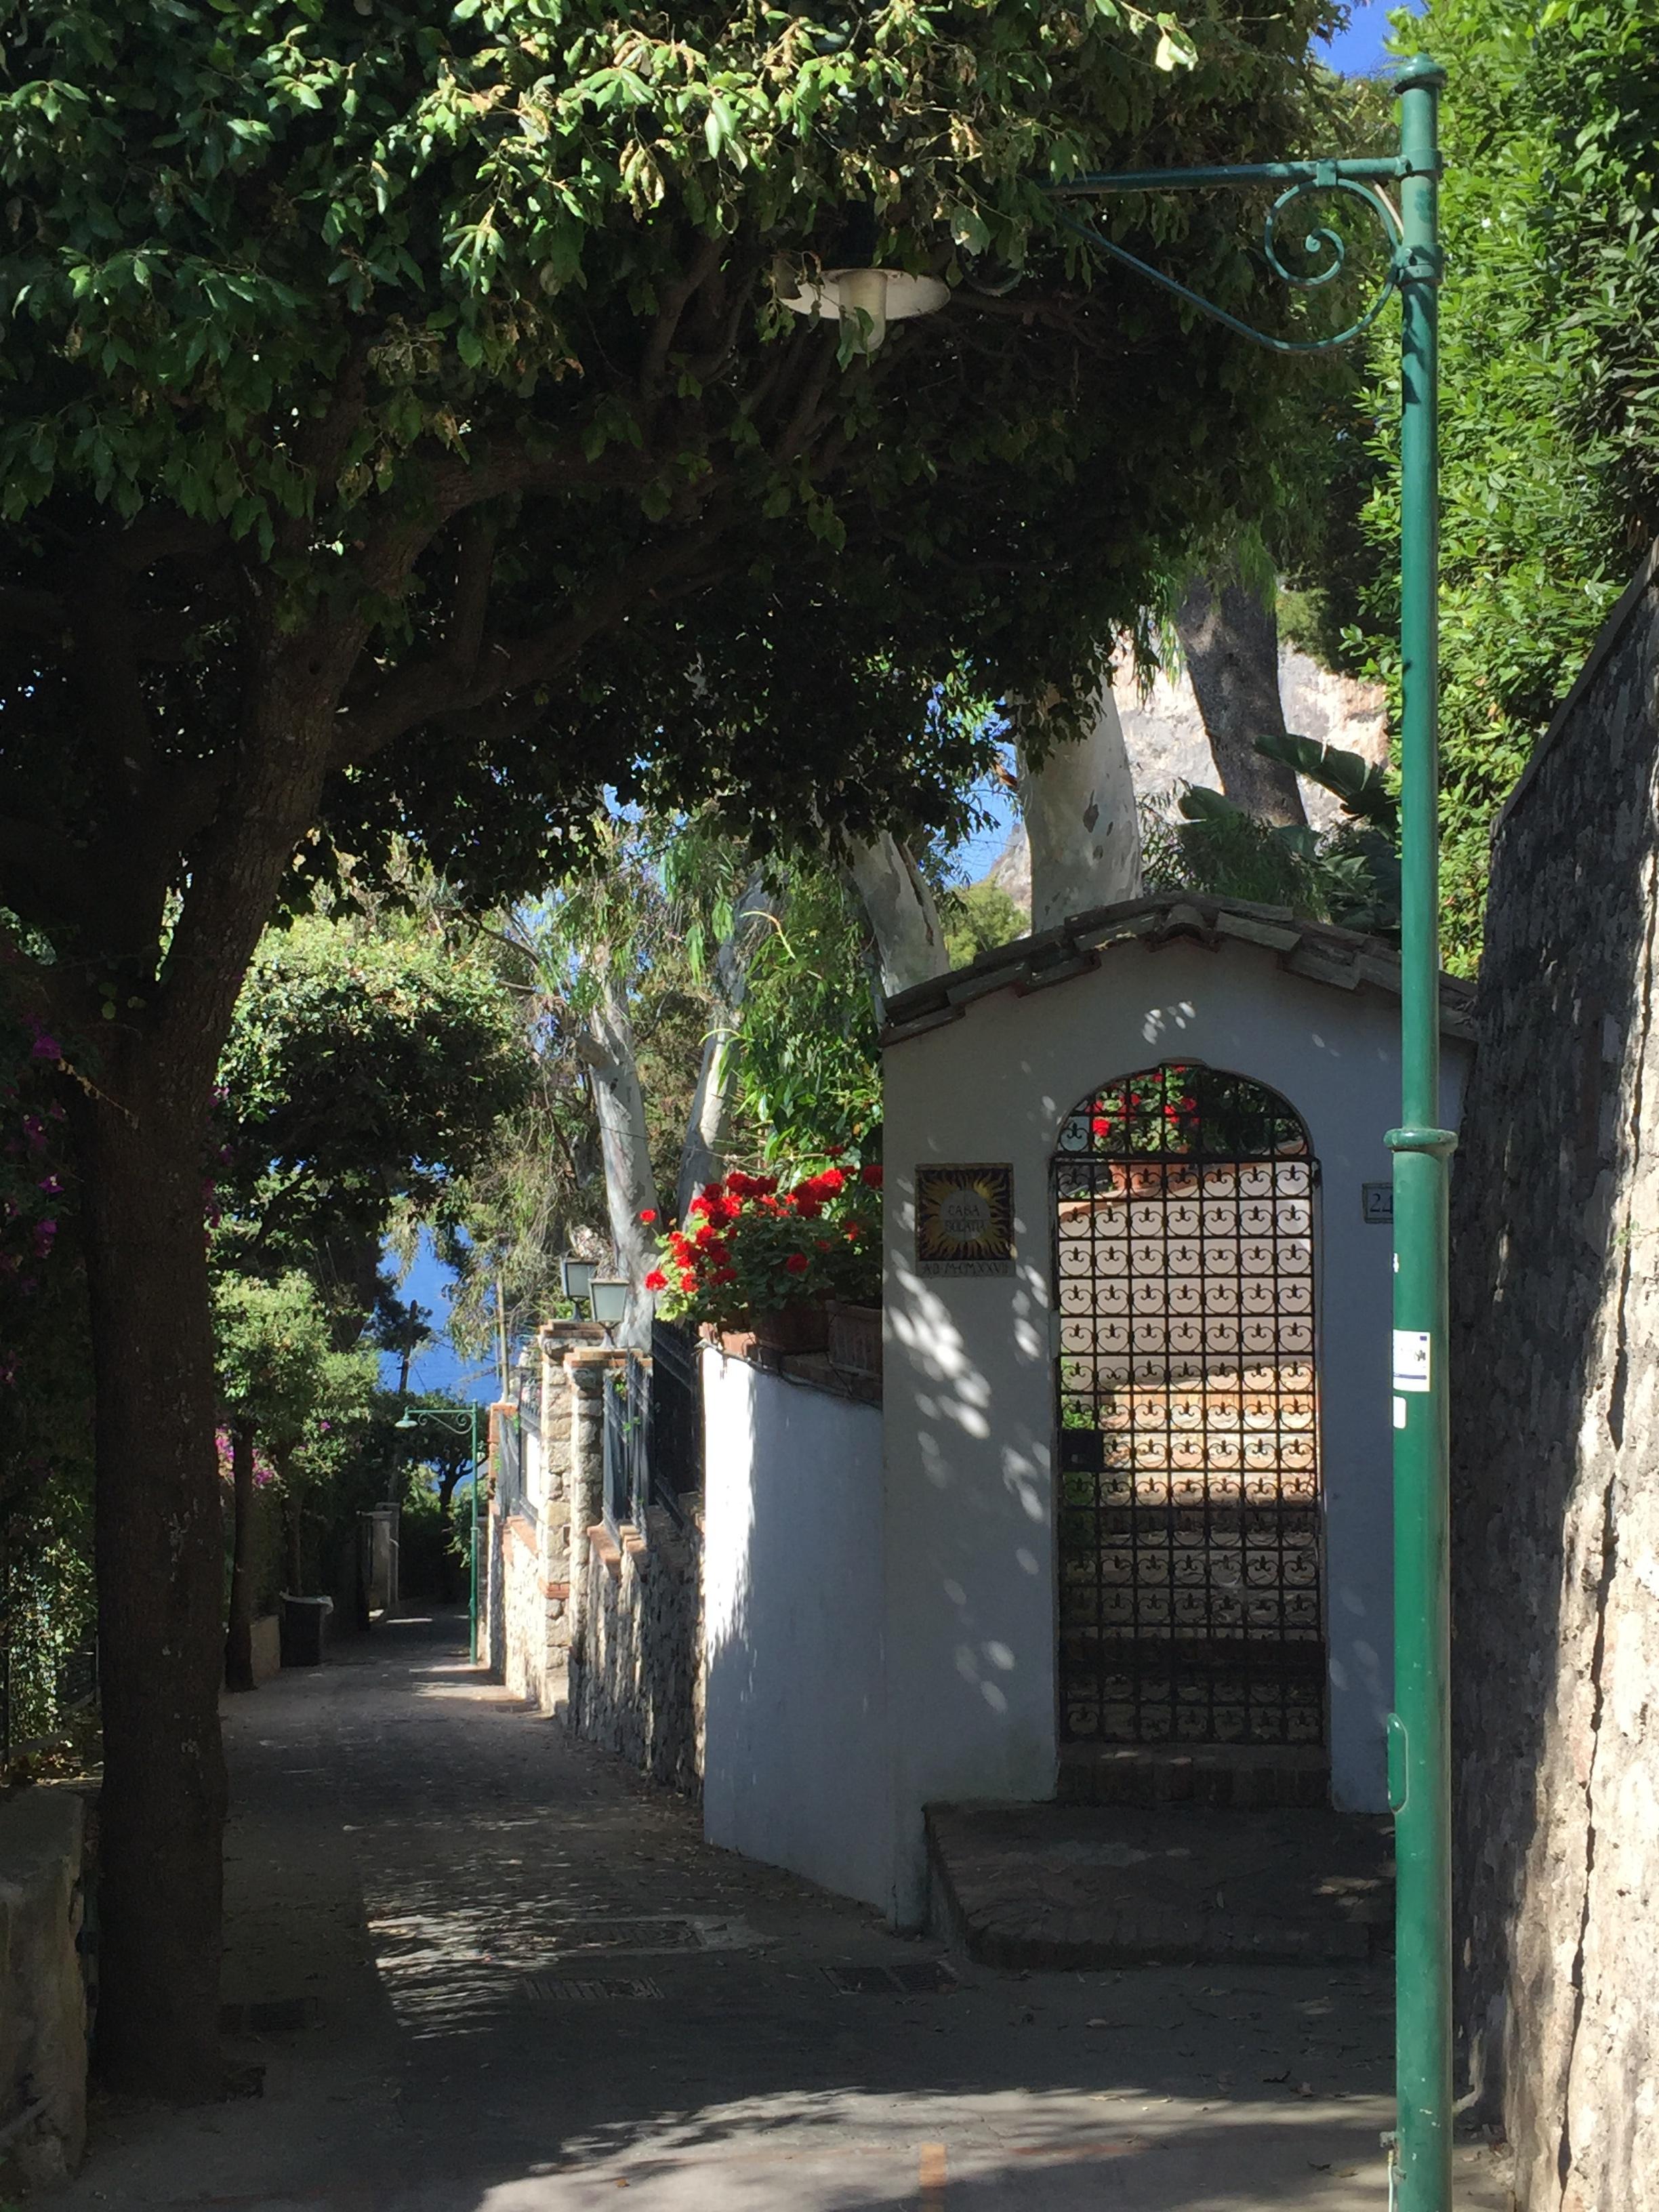 Take a stroll in Capri, Italy